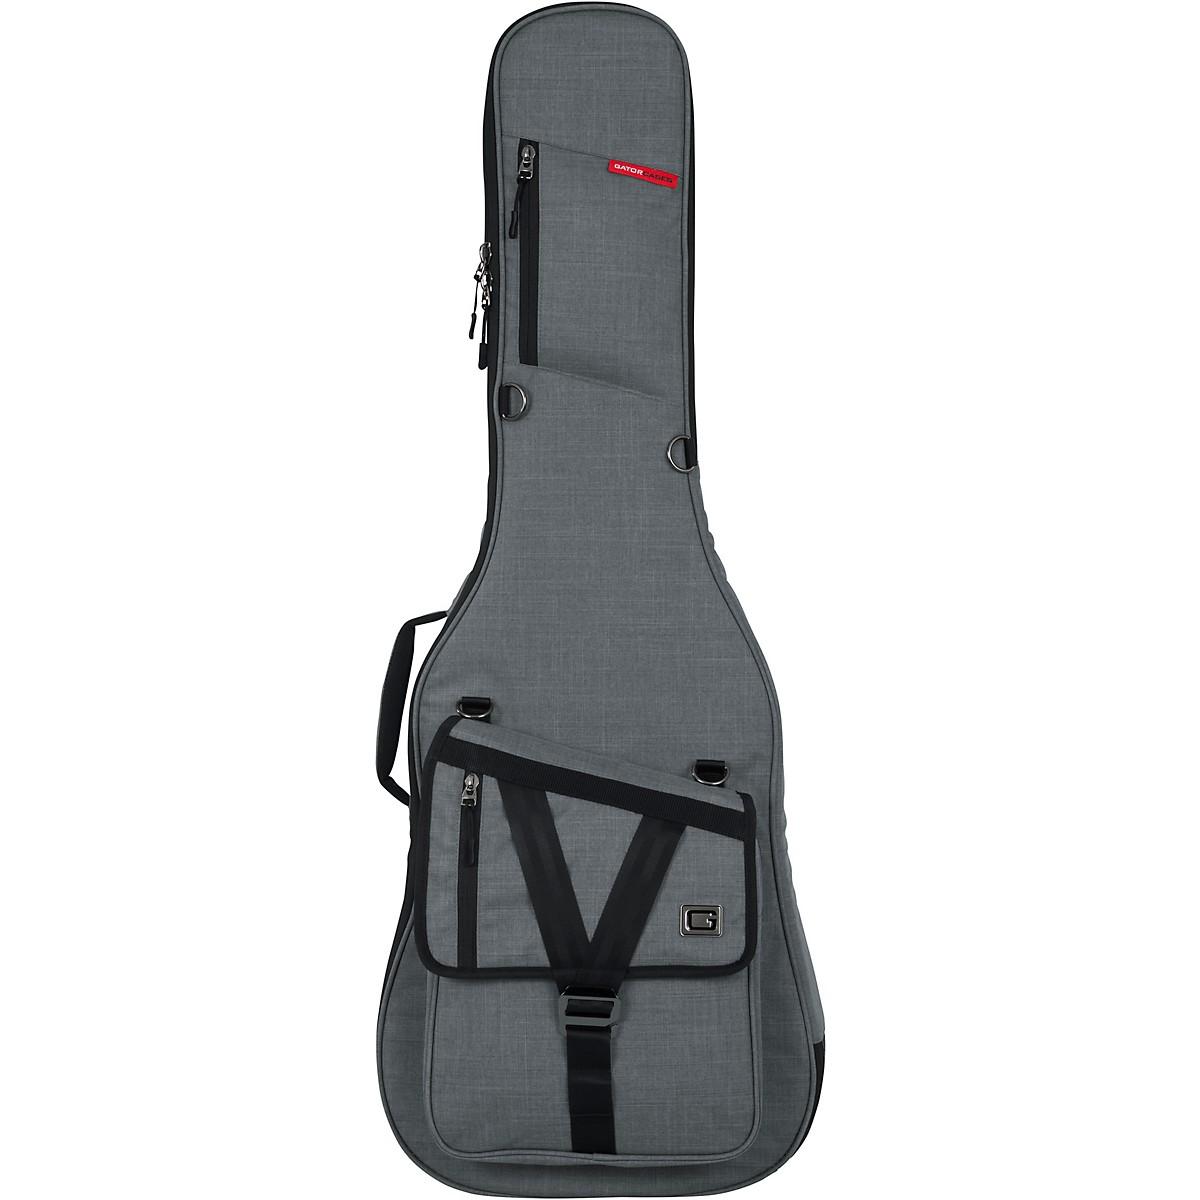 Gator Transit Series Electric Guitar Gig Bag